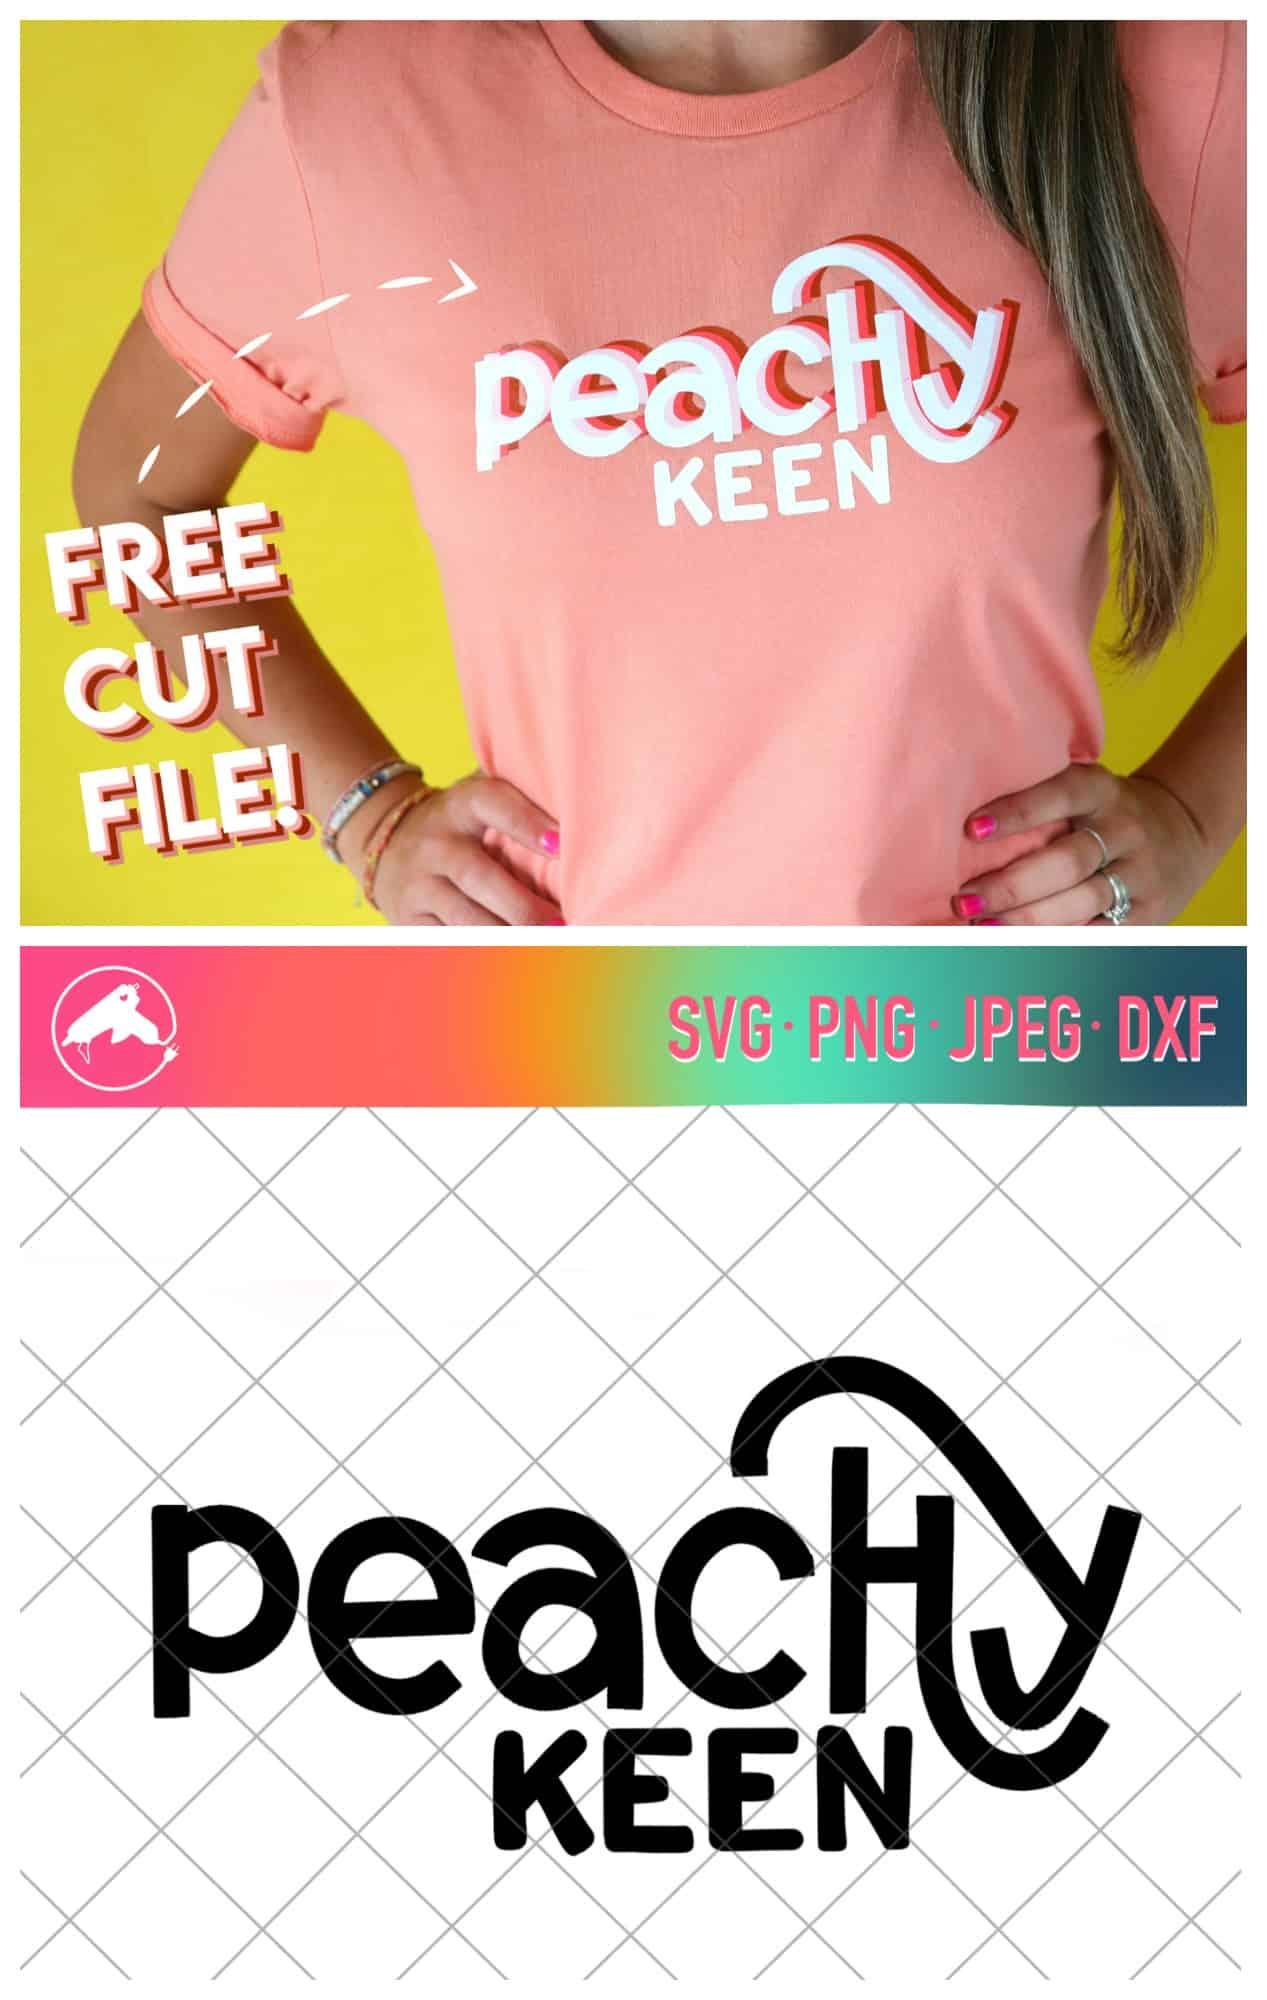 Peachy keen free cut file - A girl and a glue gun